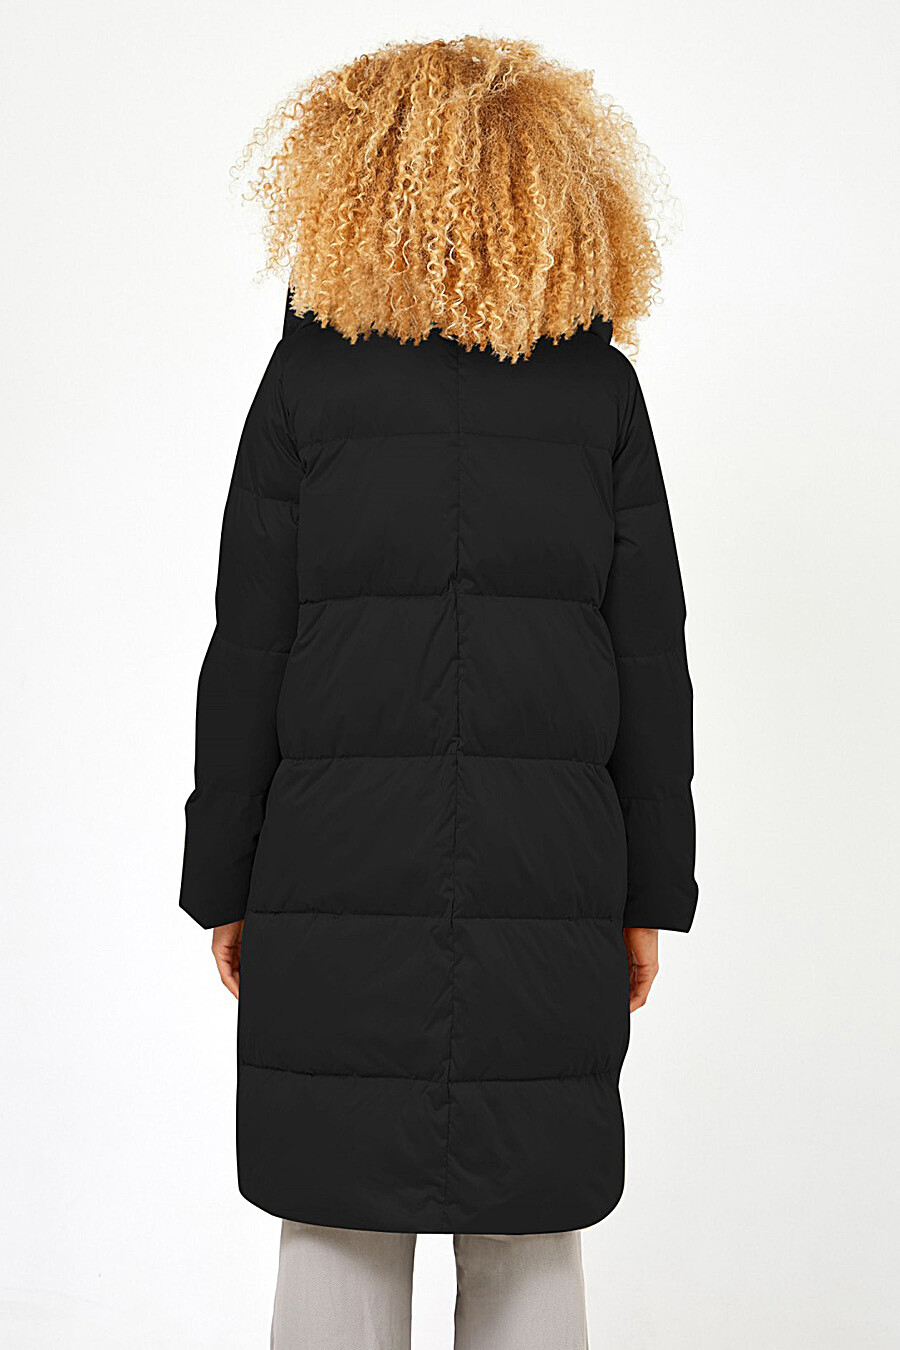 Пальто для женщин TOM FARR 148434 купить оптом от производителя. Совместная покупка женской одежды в OptMoyo